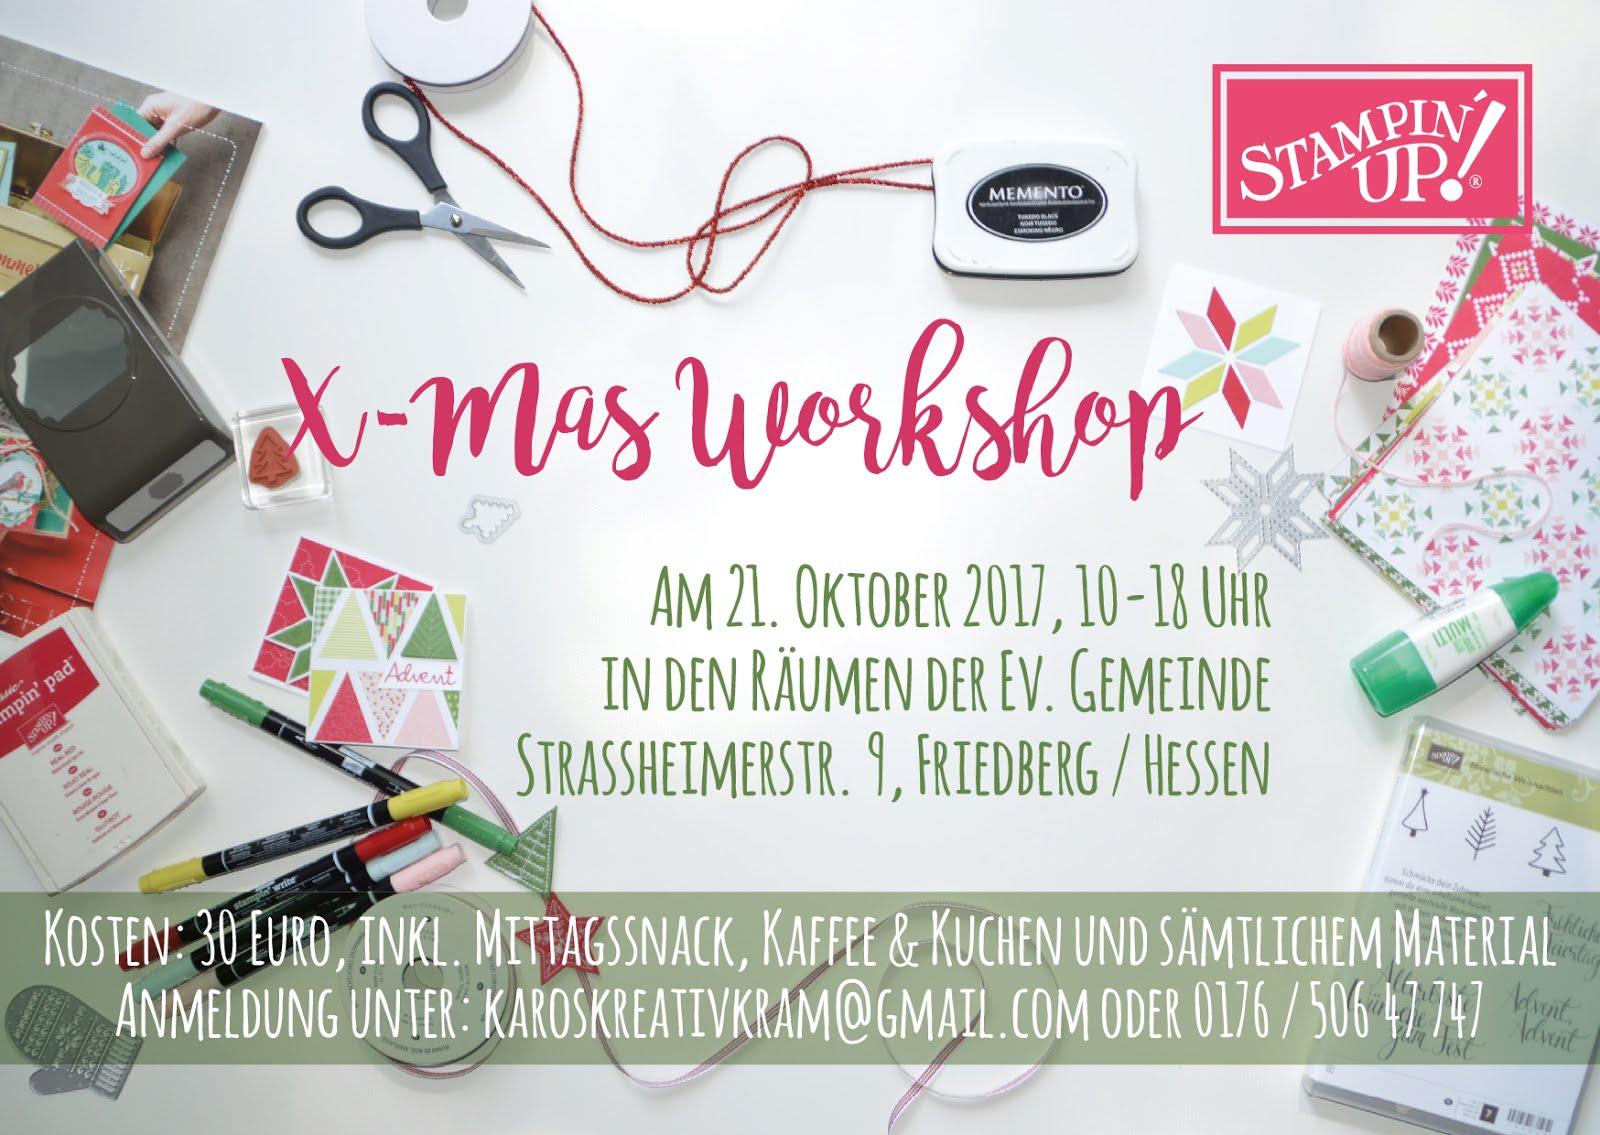 Großer X-Mas Workshop am 21.10 von 10-18 Uhr in Friedberg / Hessen